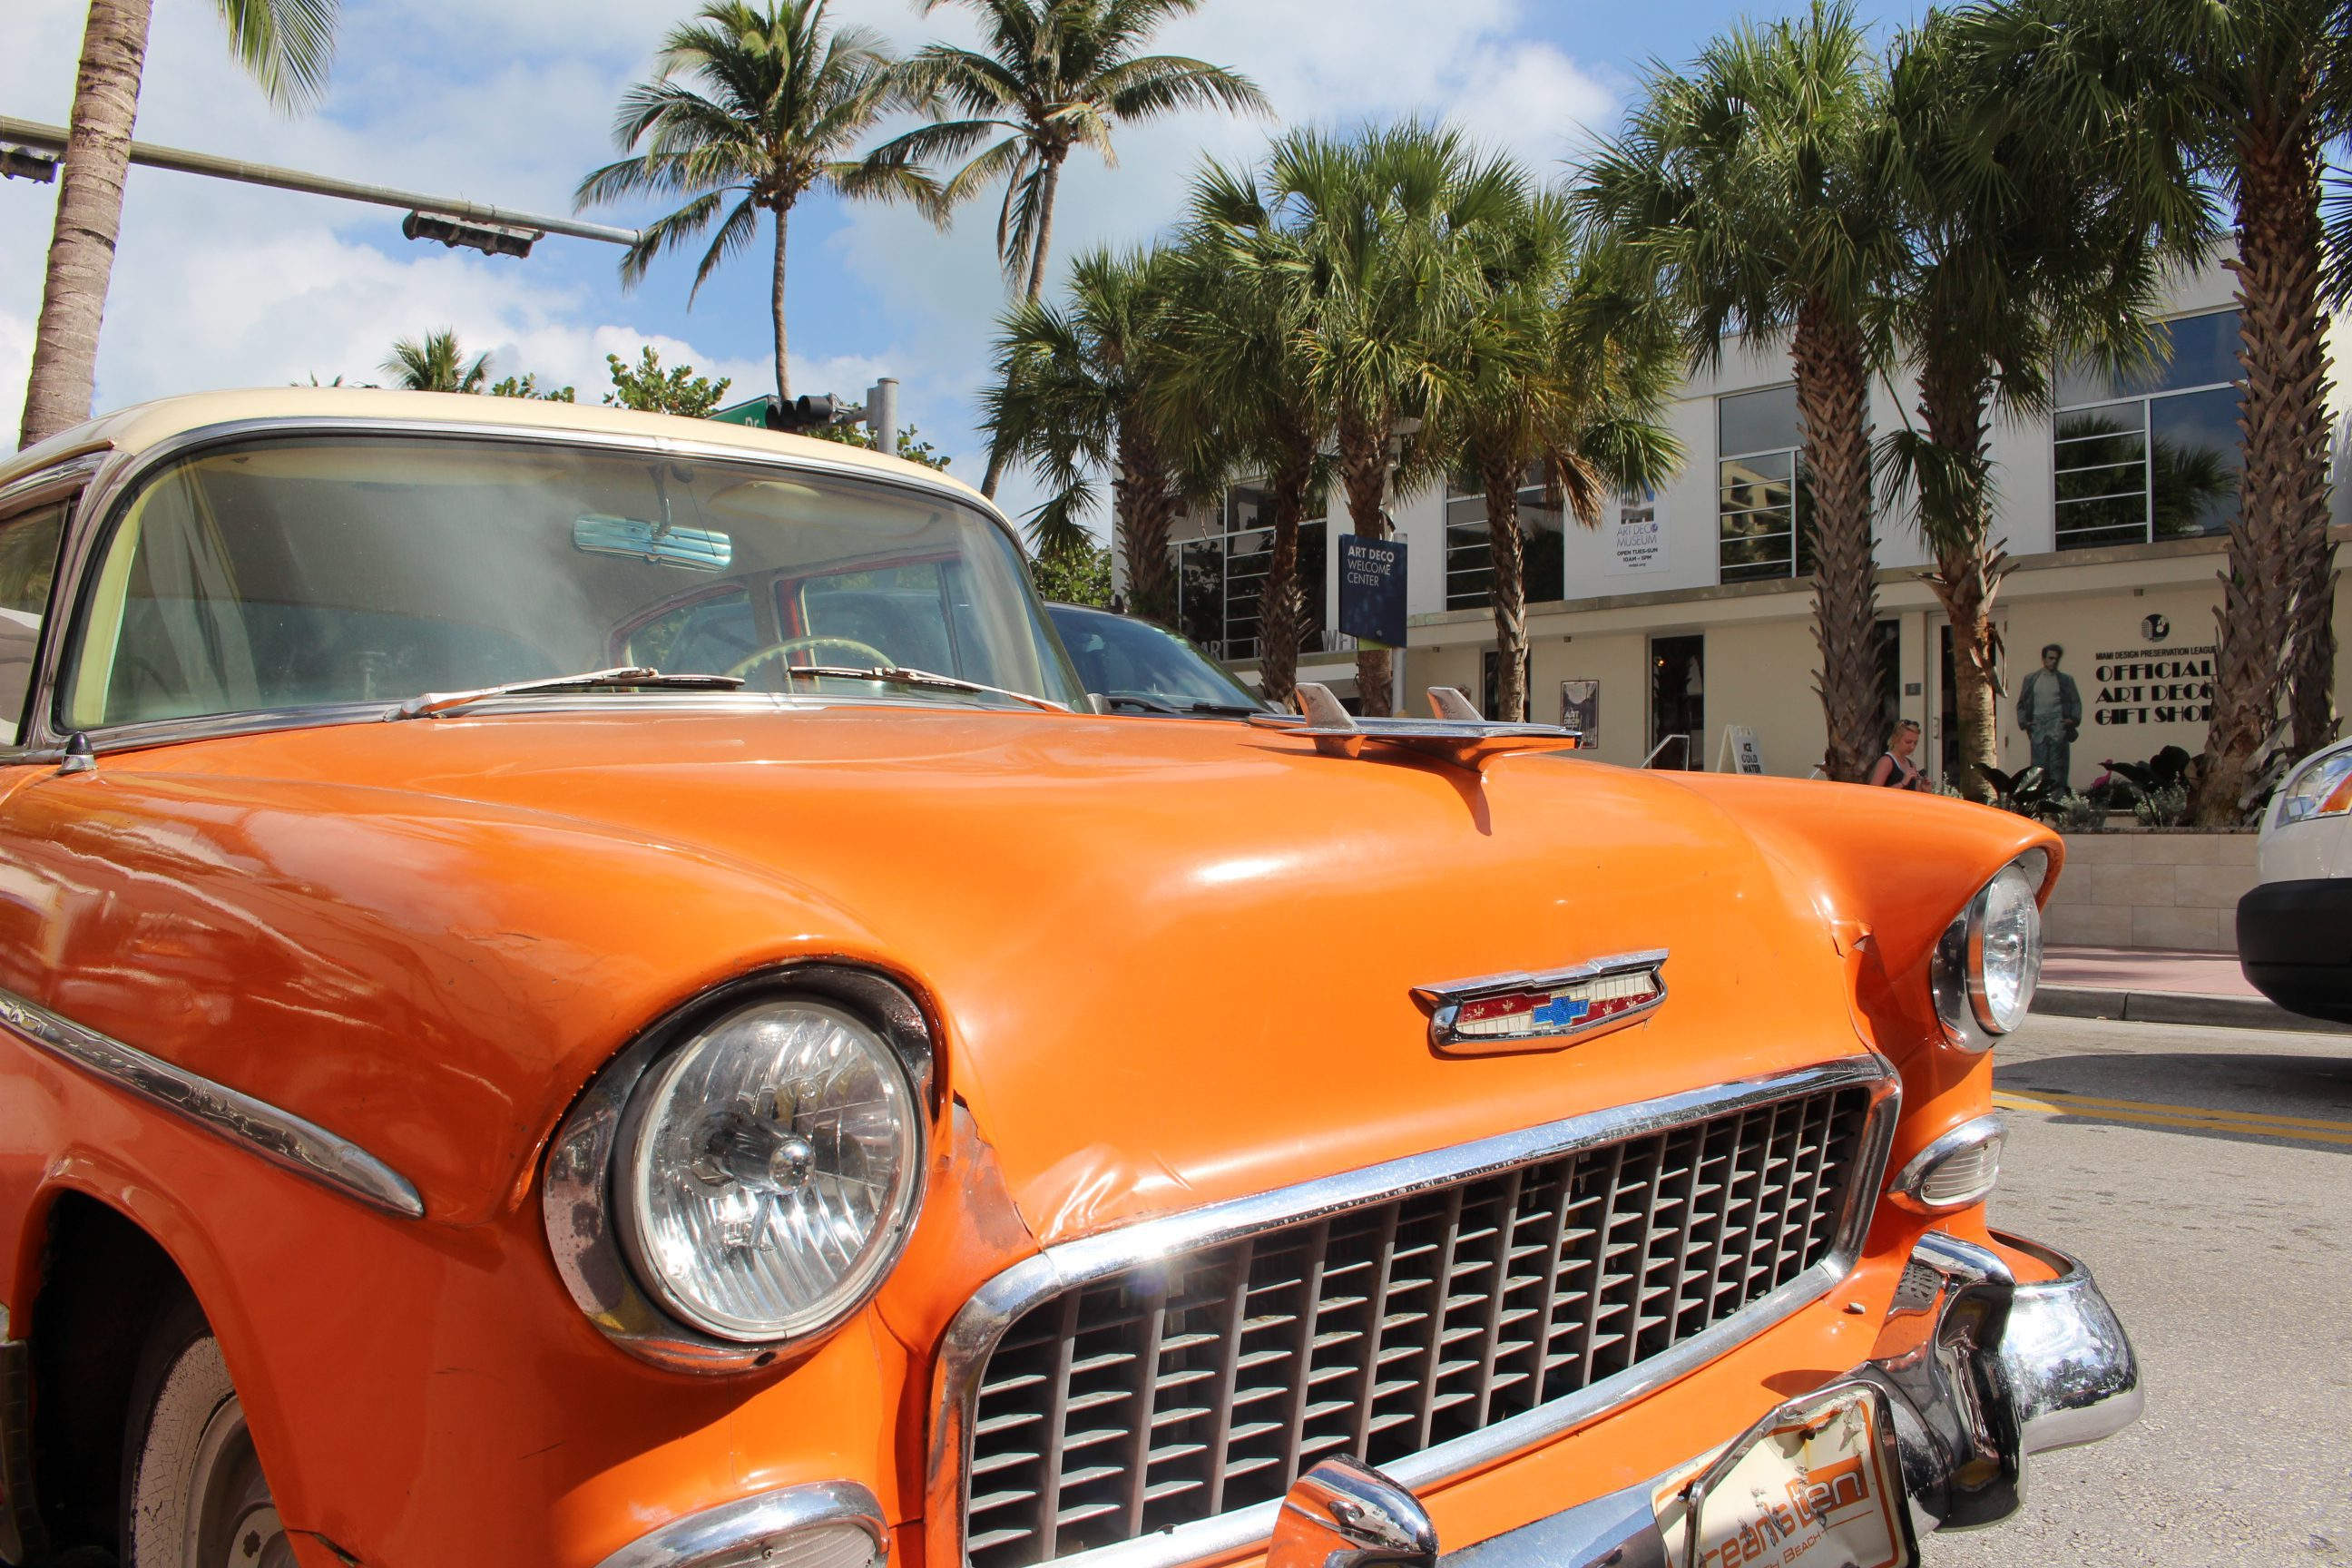 Floride-USA-Miami-Beach-SOBE-USA